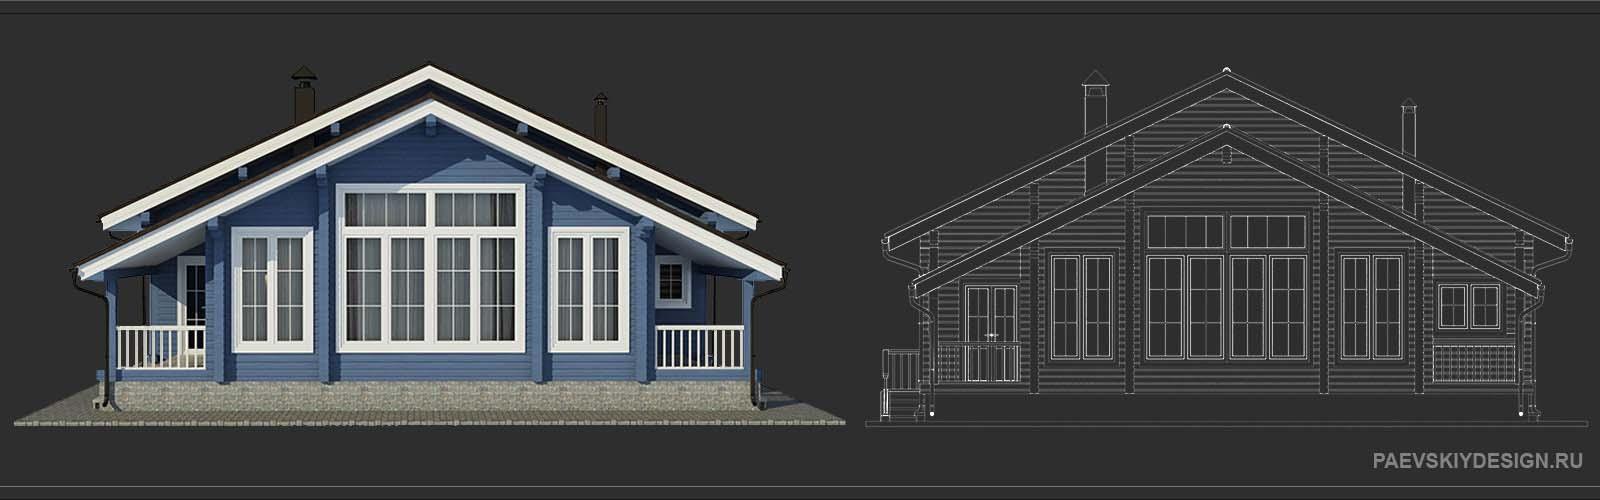 Цветовое решение для деревянного дома